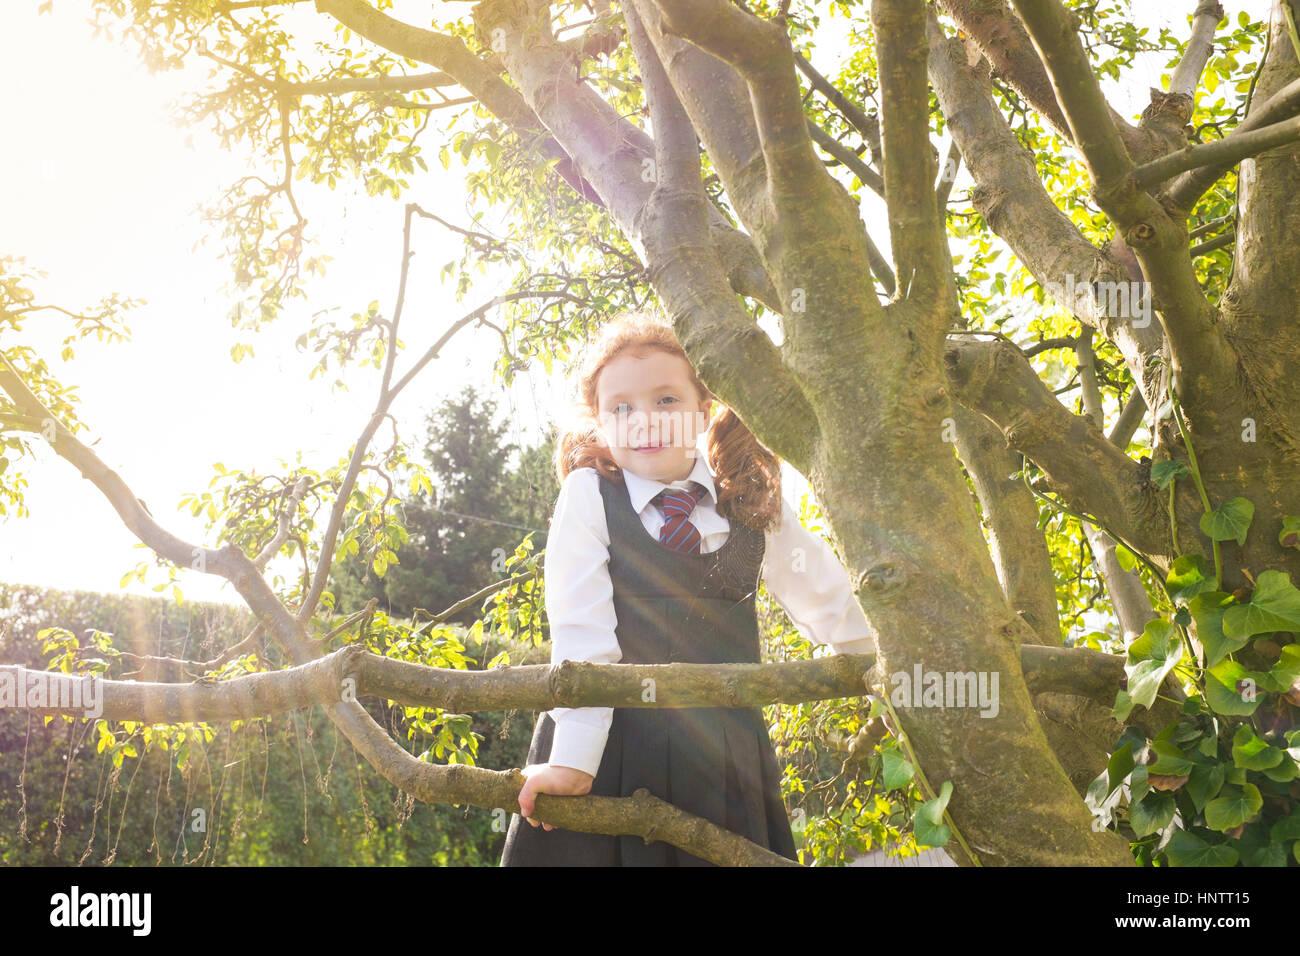 Ein kleines Mädchen einen Kletterbaum in ihrer Schuluniform. Stockbild